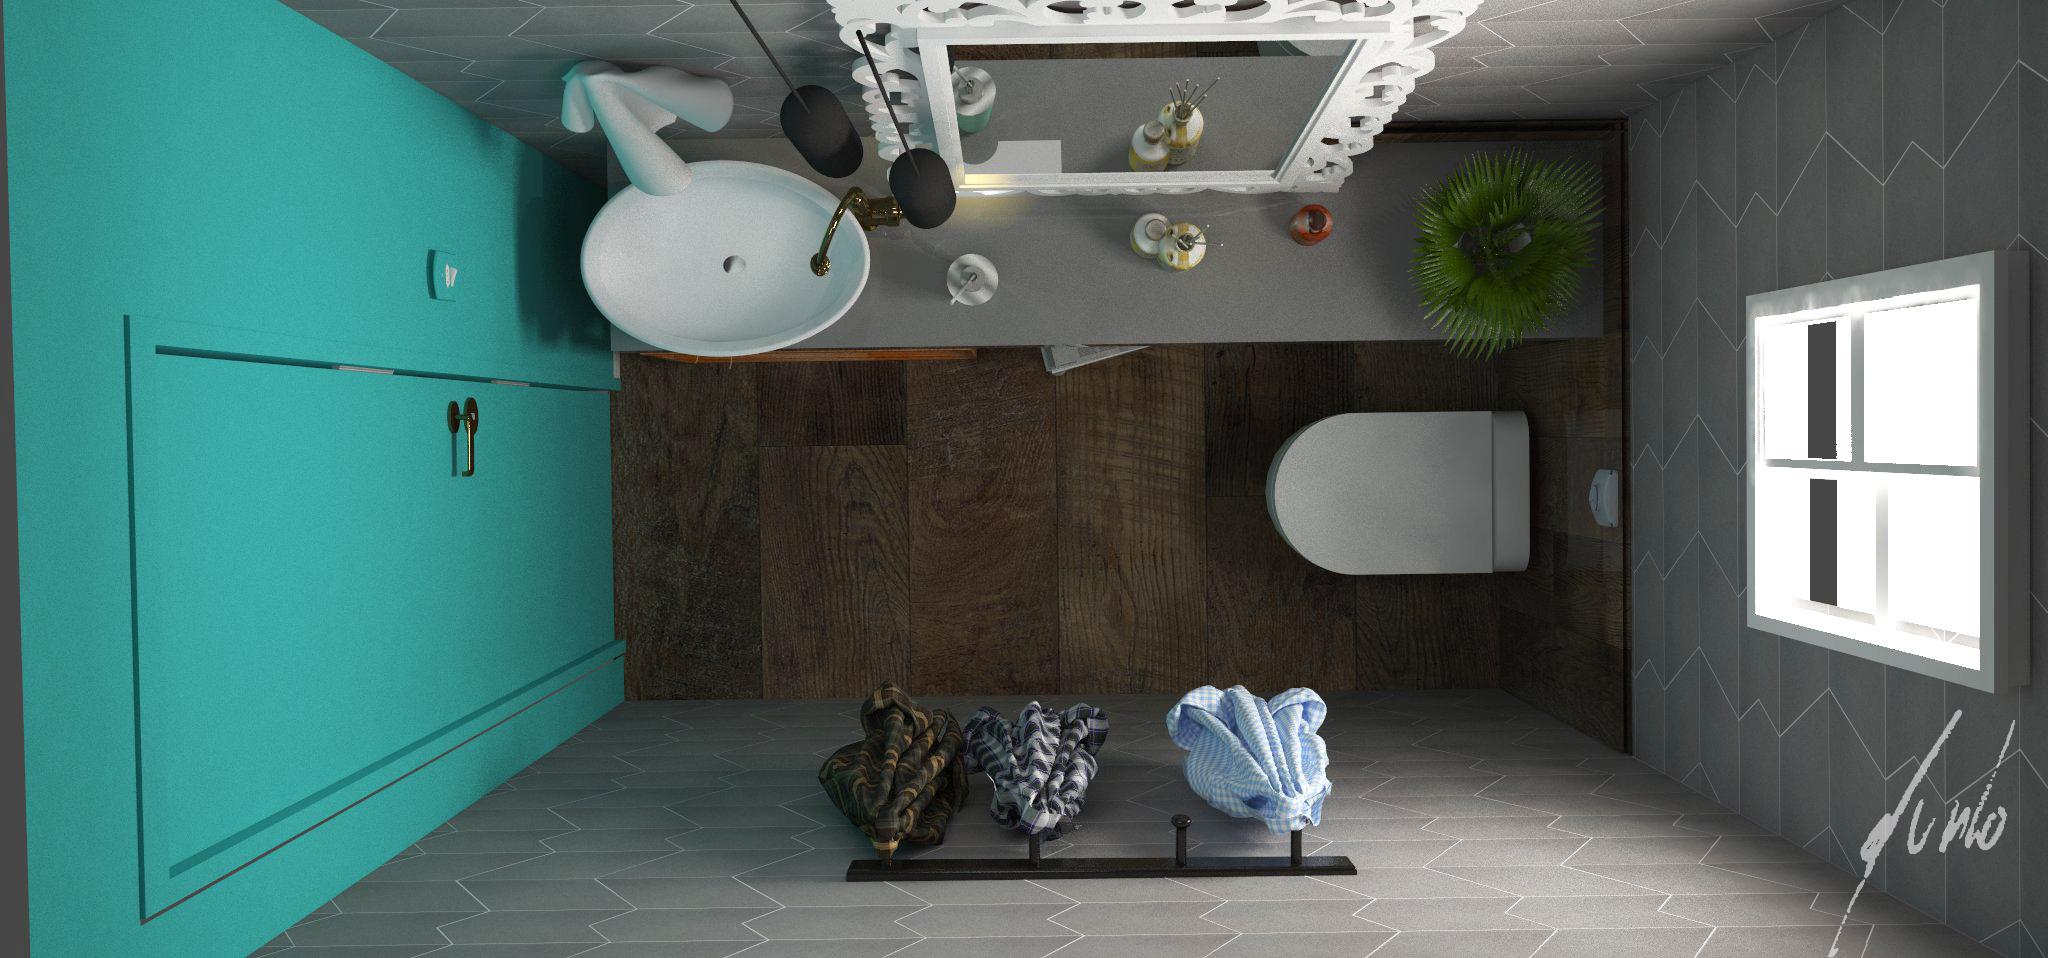 interiores projetos de decoração de interiores design de interiores #349794 2048 958